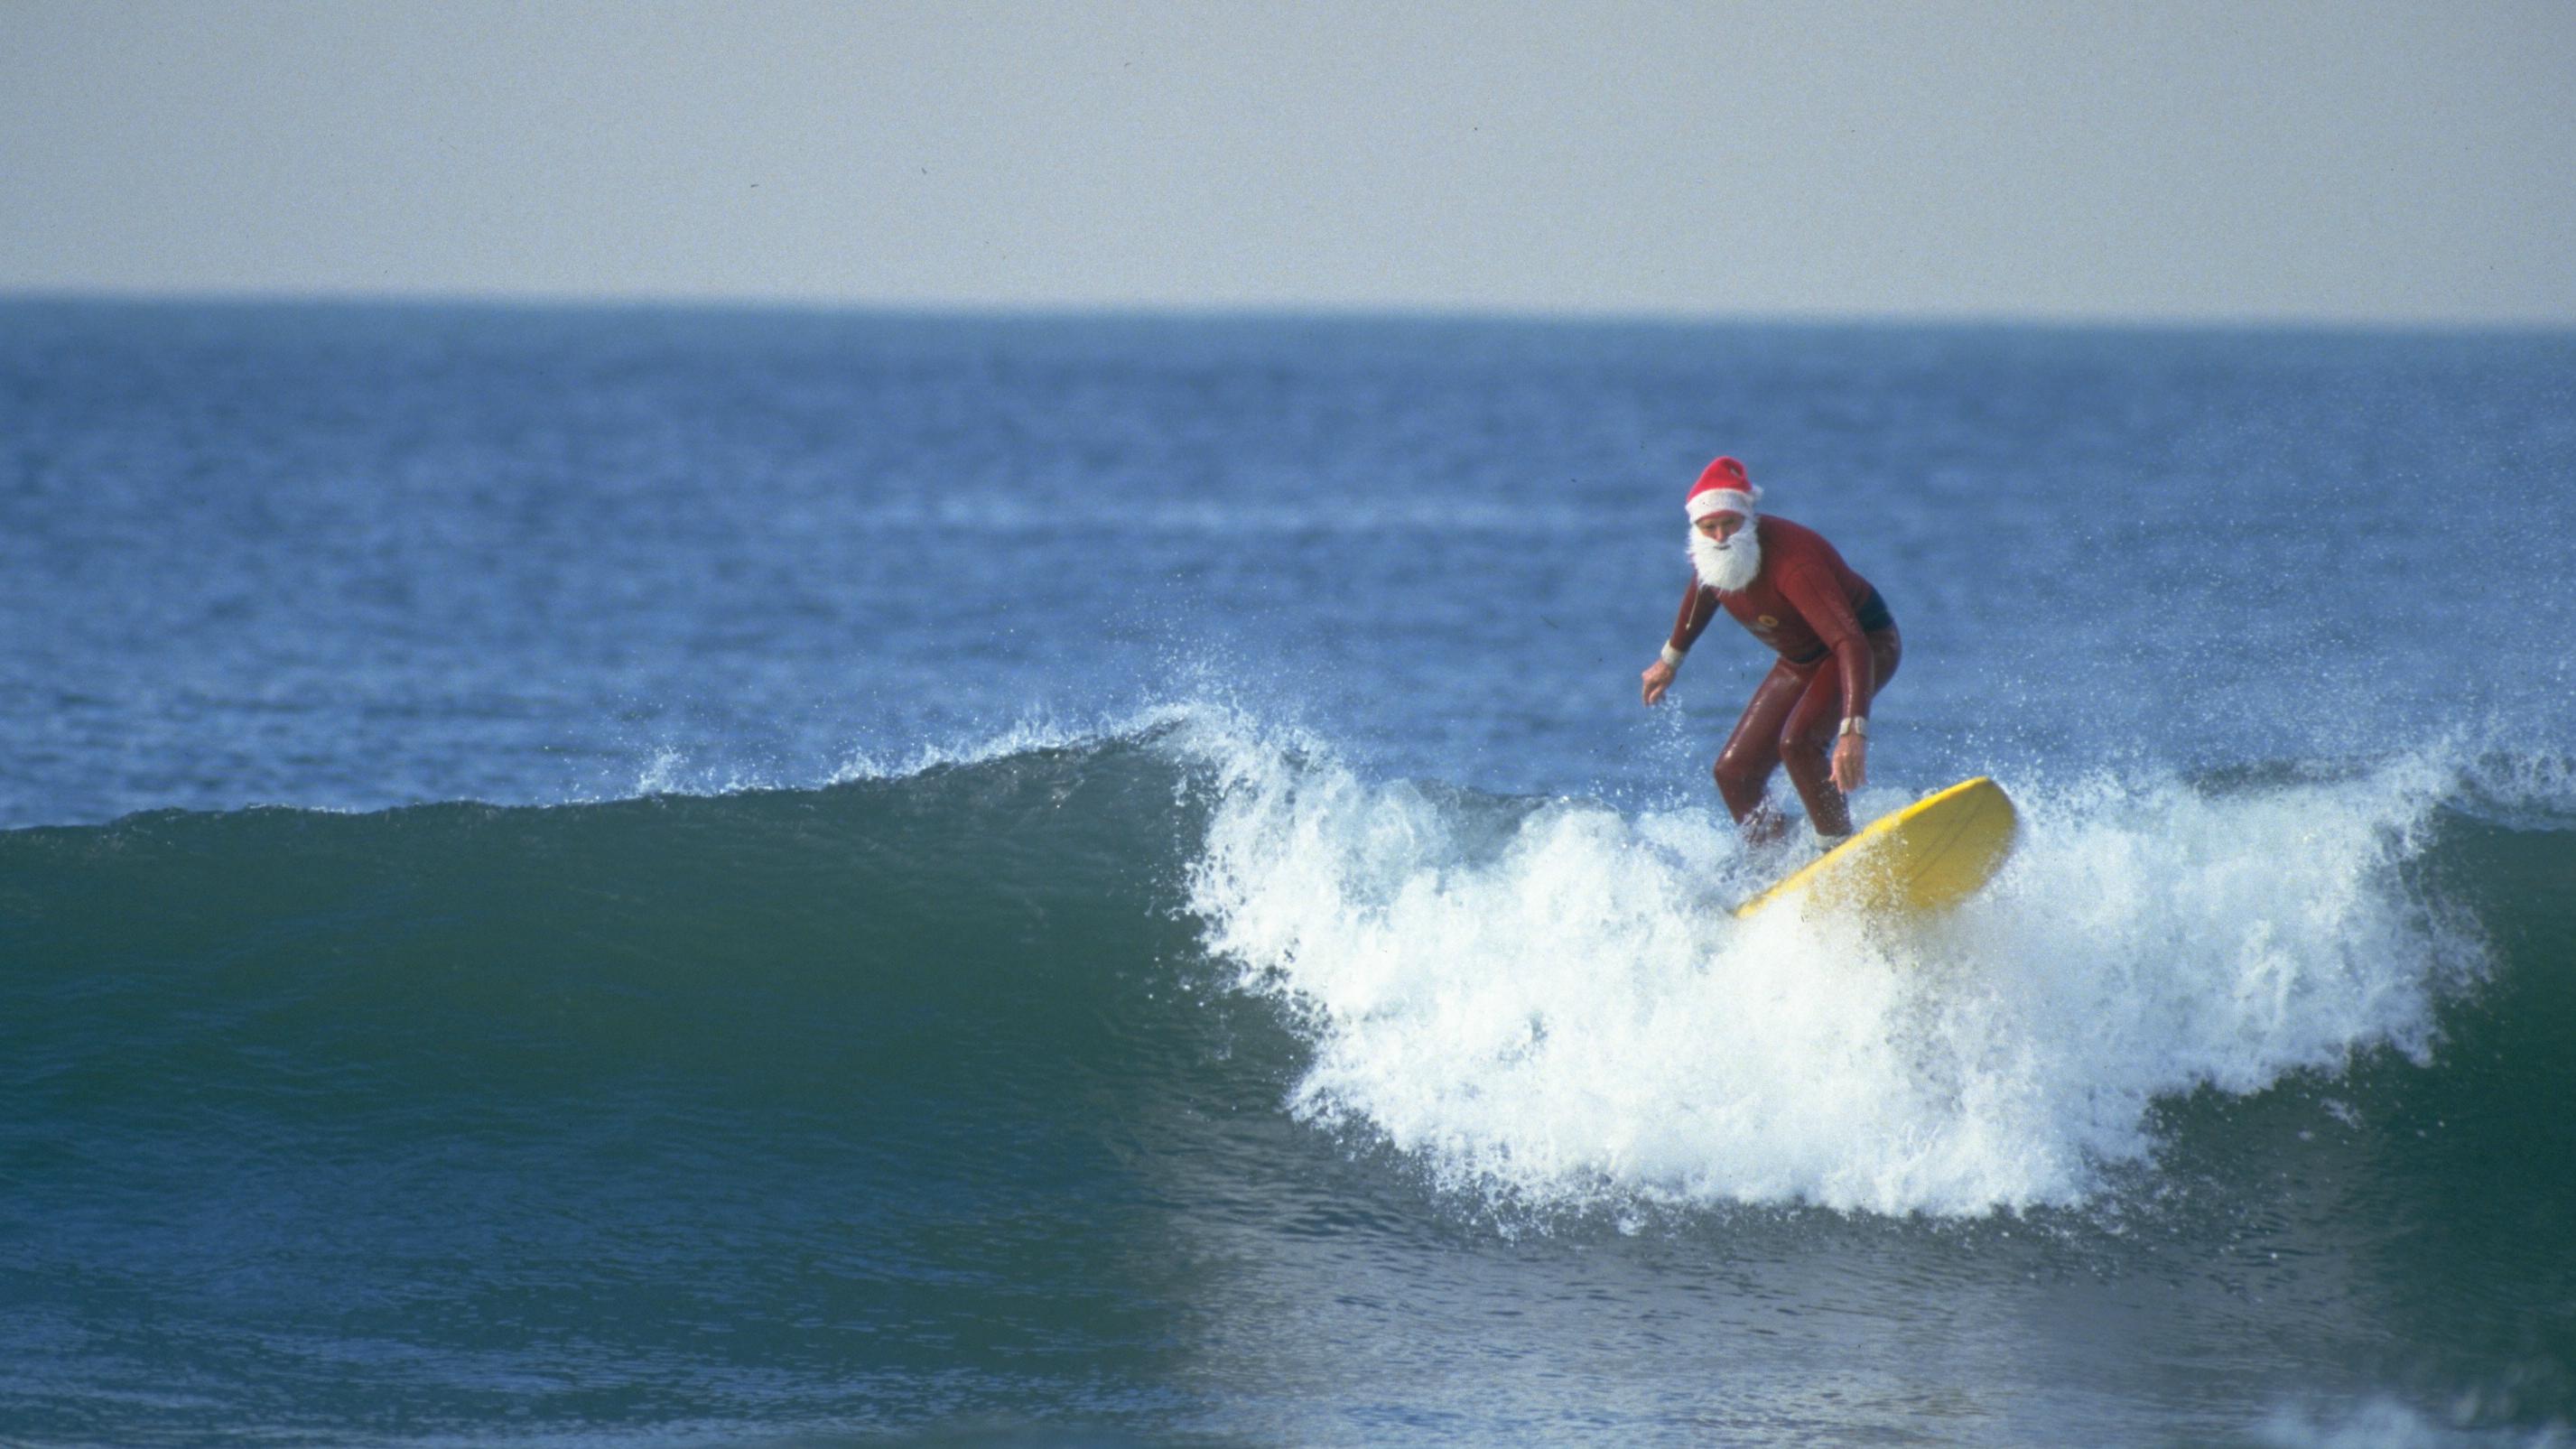 surfing-santa-claus